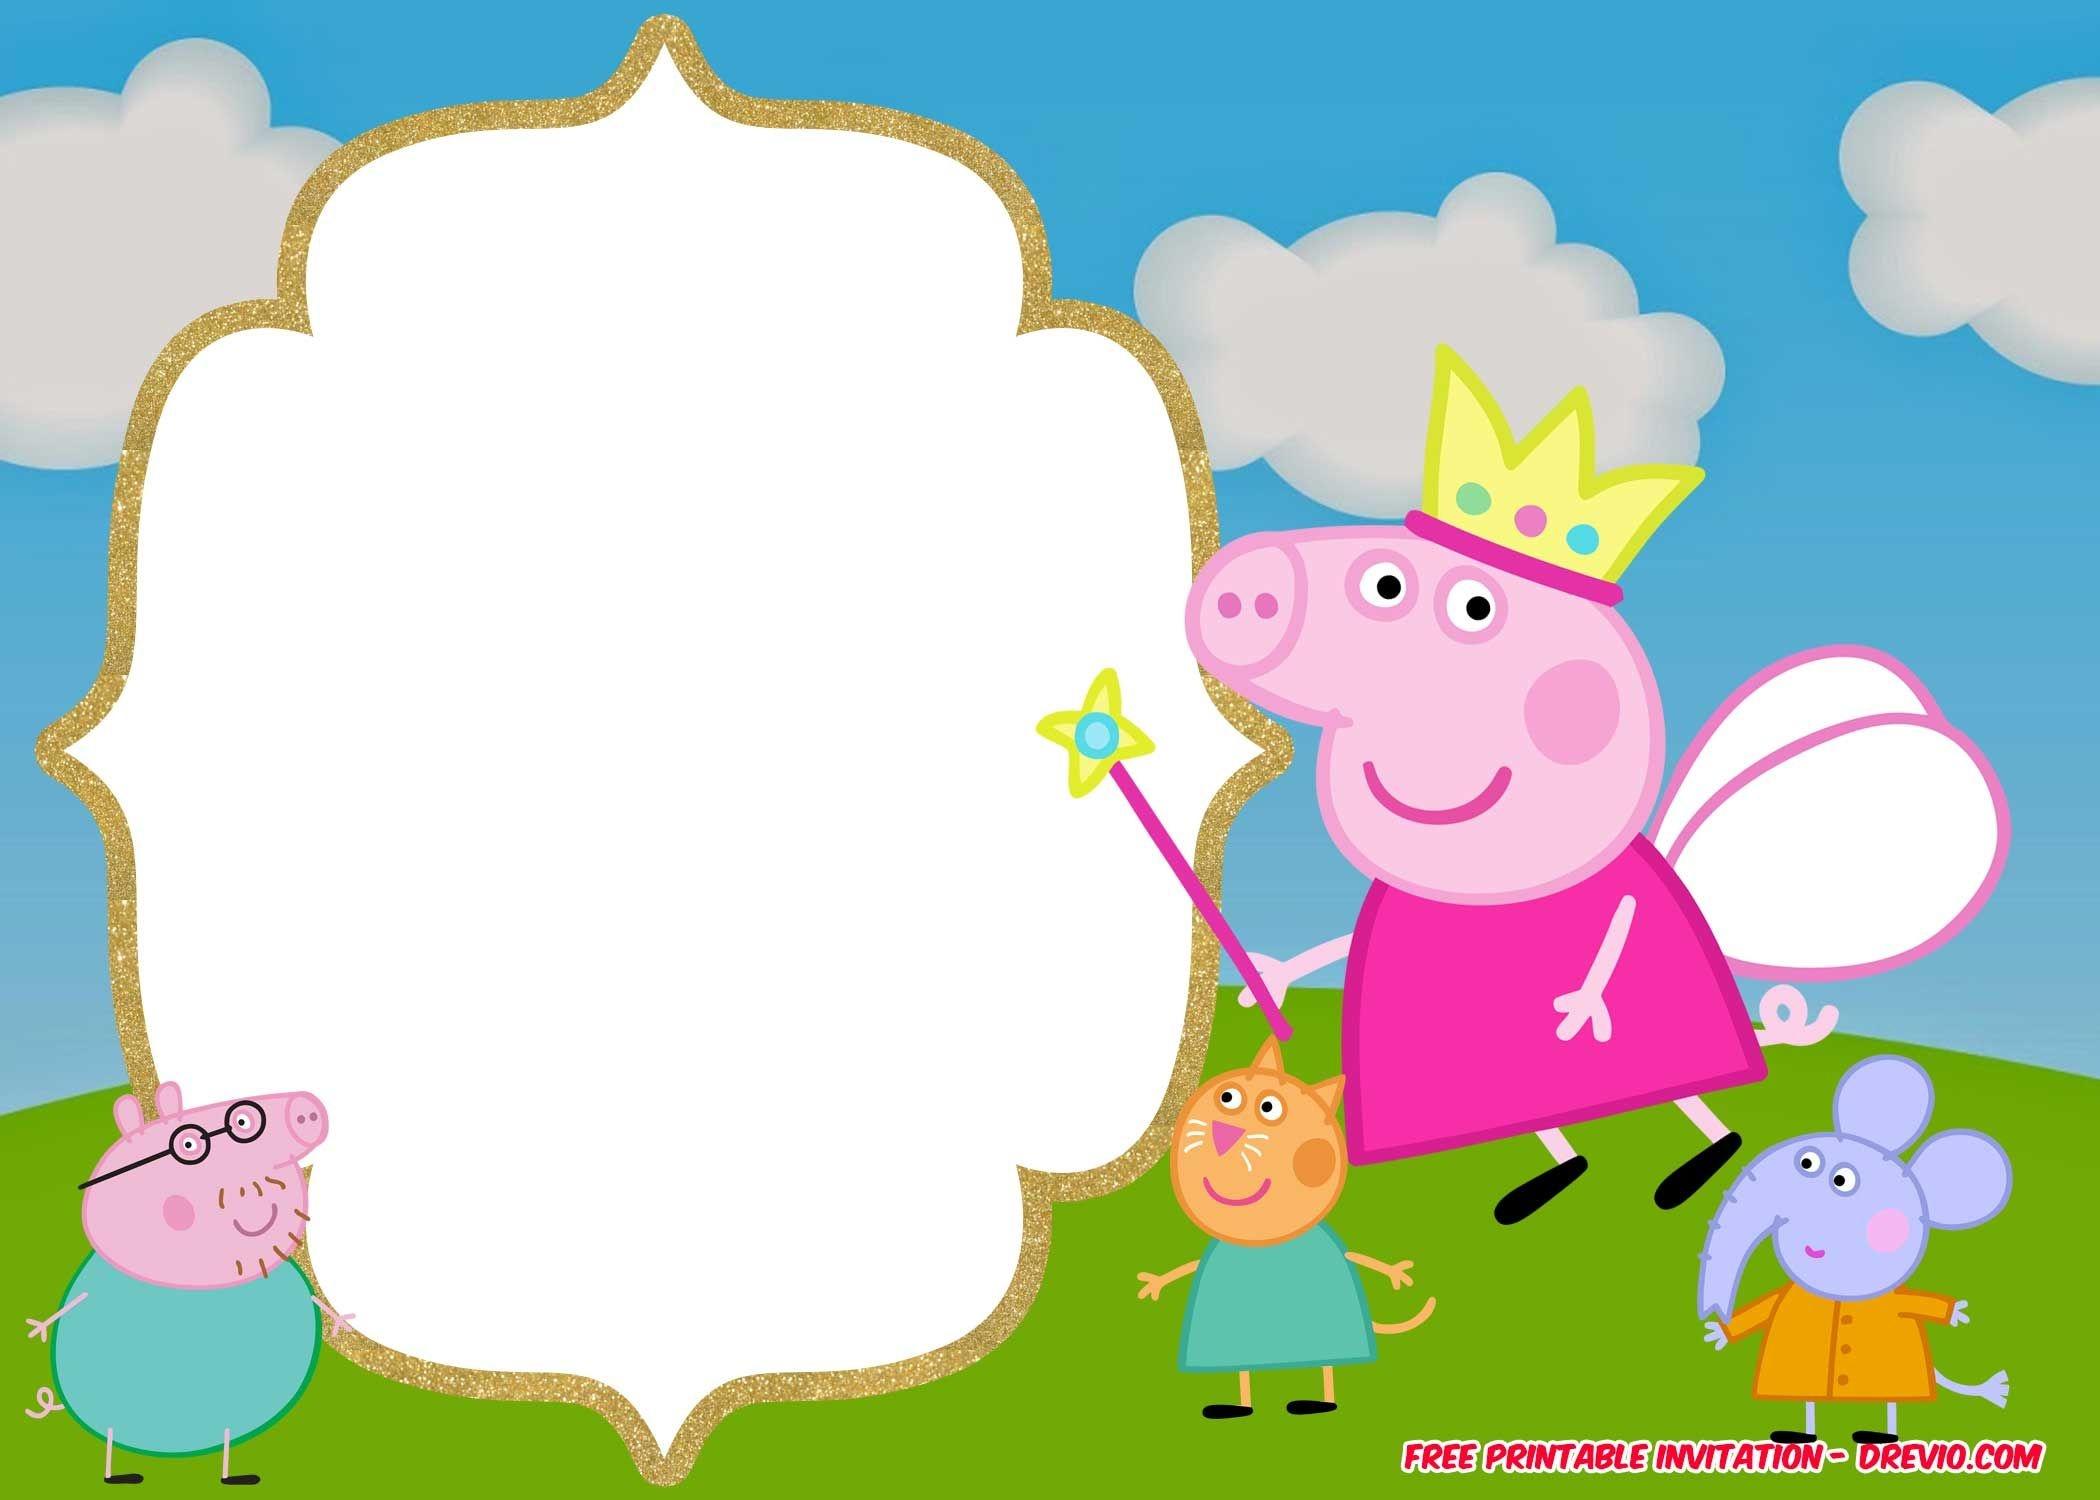 Free Printable Peppa Pig Invitation | Vanida Elizabeth Diego - Peppa Pig Character Free Printable Images